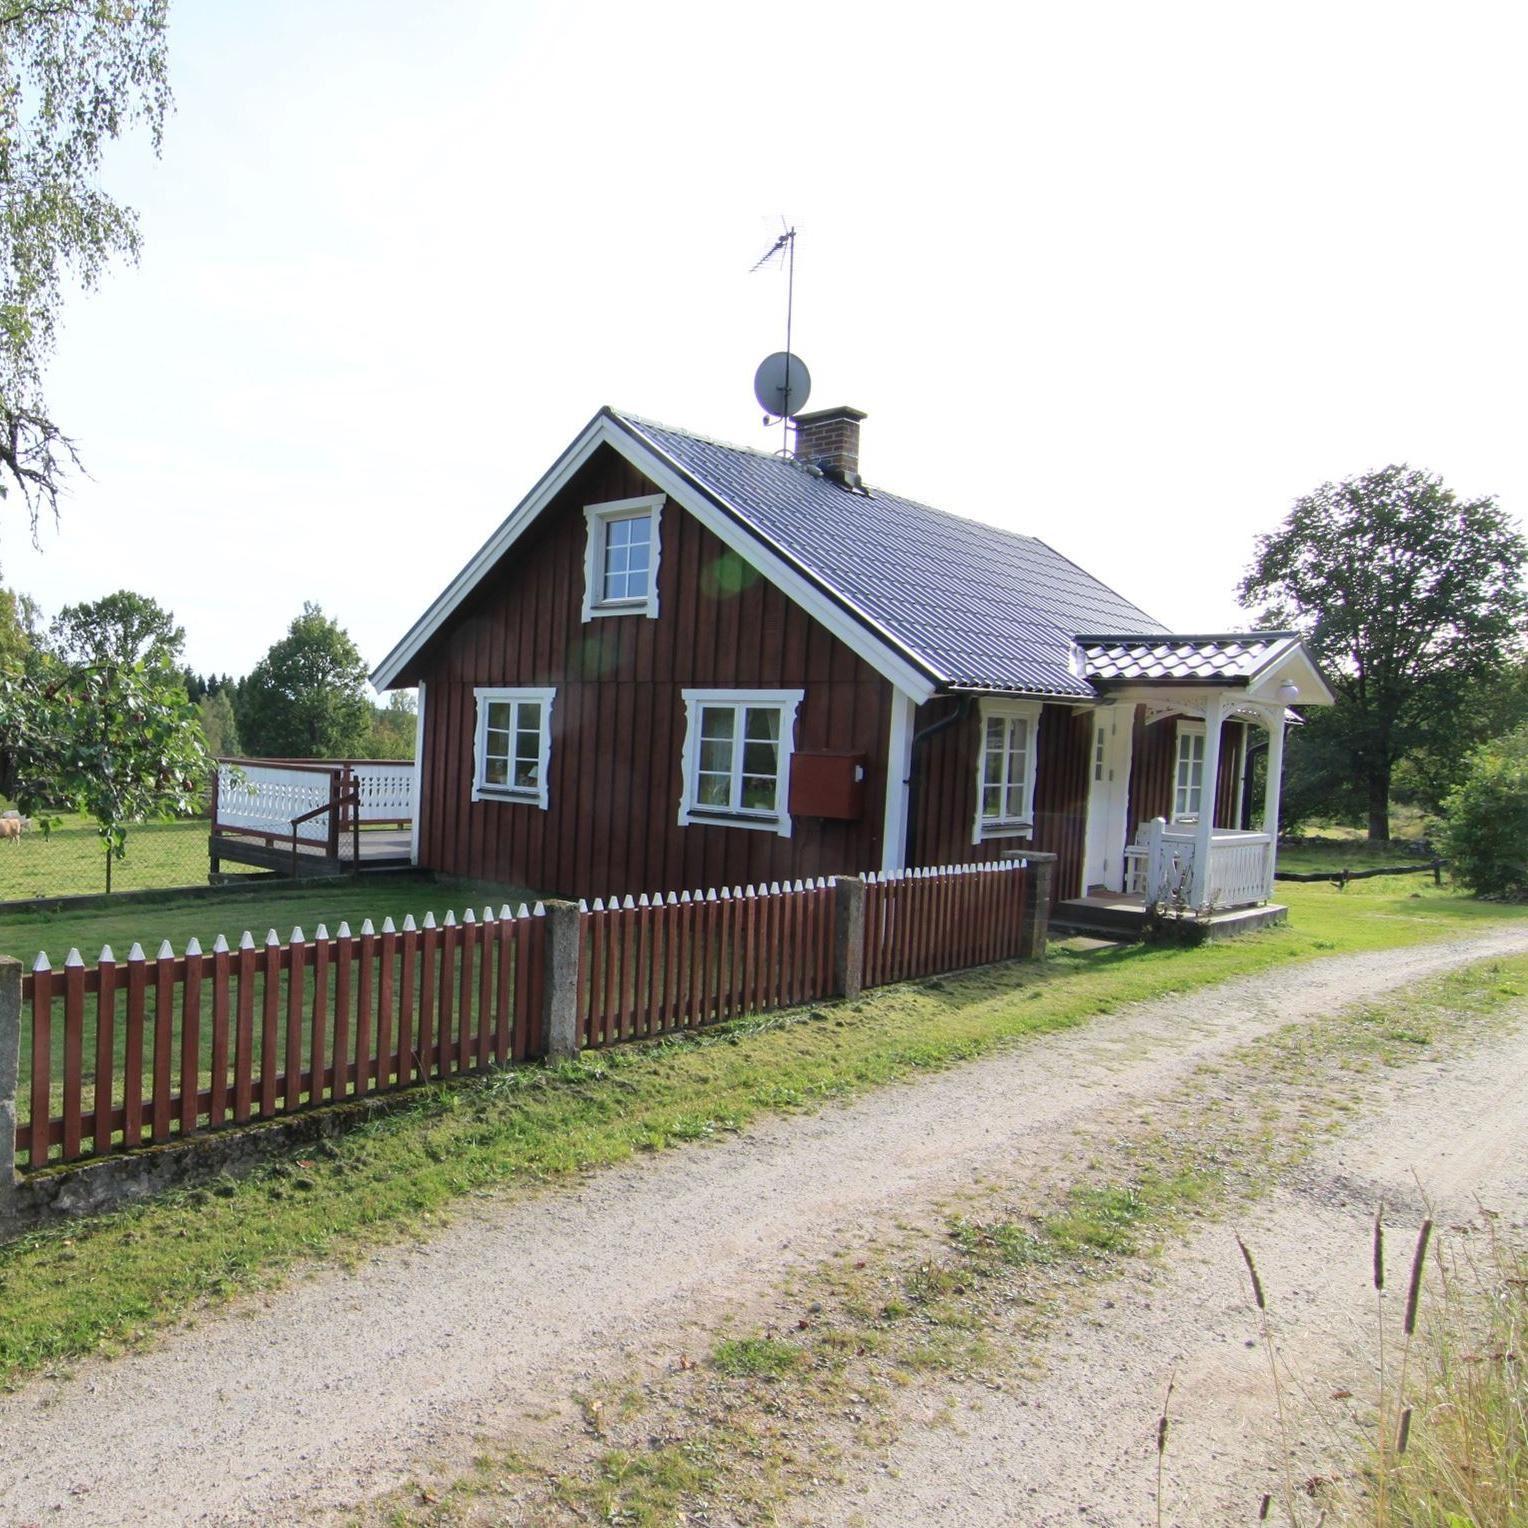 Ferienhaus 02 - Bikupan - Kalvshults gård - Käja och Roland Haraldsson